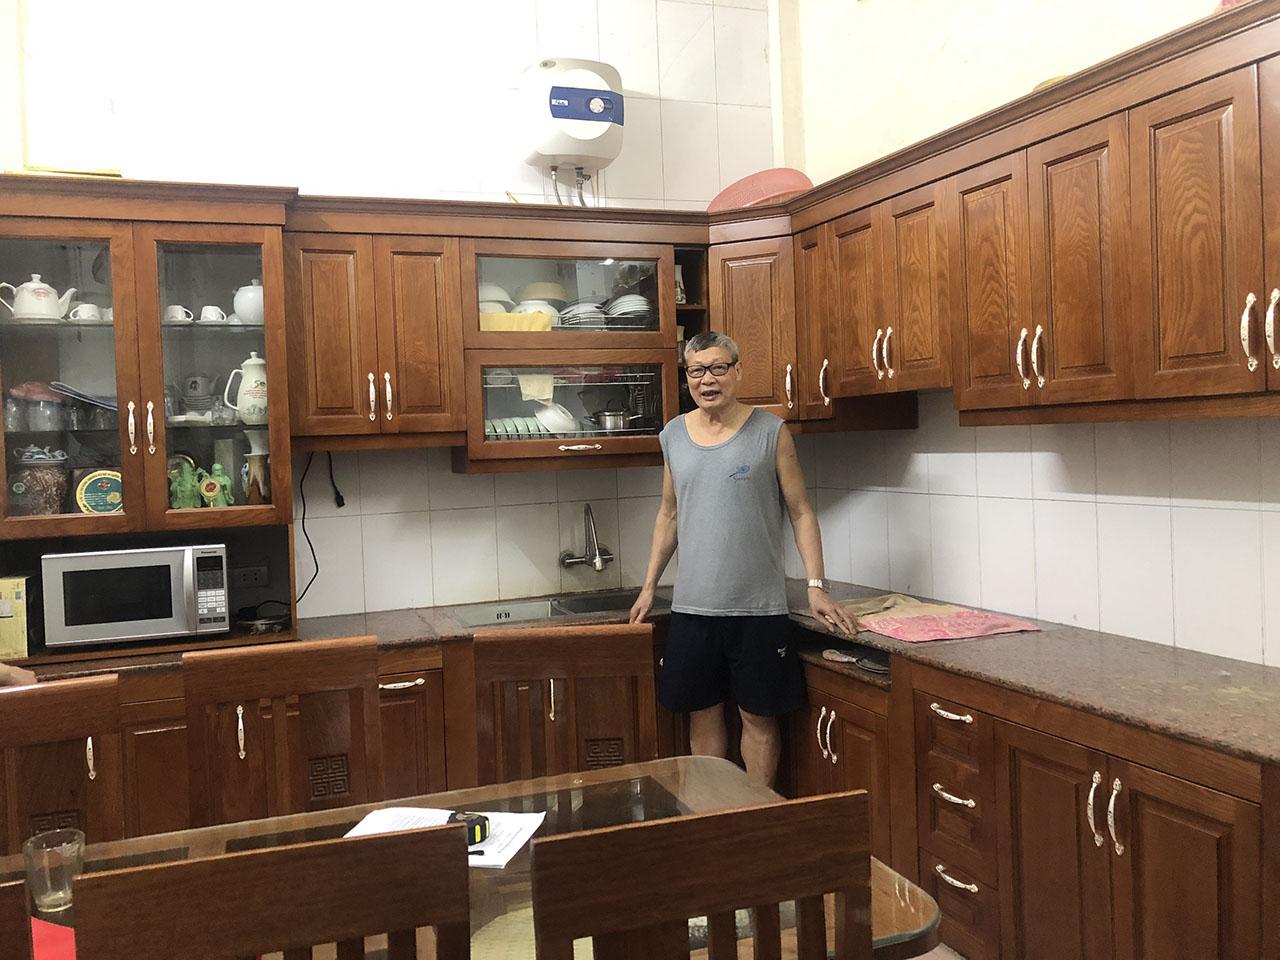 Chất liệu gỗ sồi Nga mang đến không gian căn bếp sự ấm cúng, sang trọng-Lắp đặt tủ bếp Thanh Trì